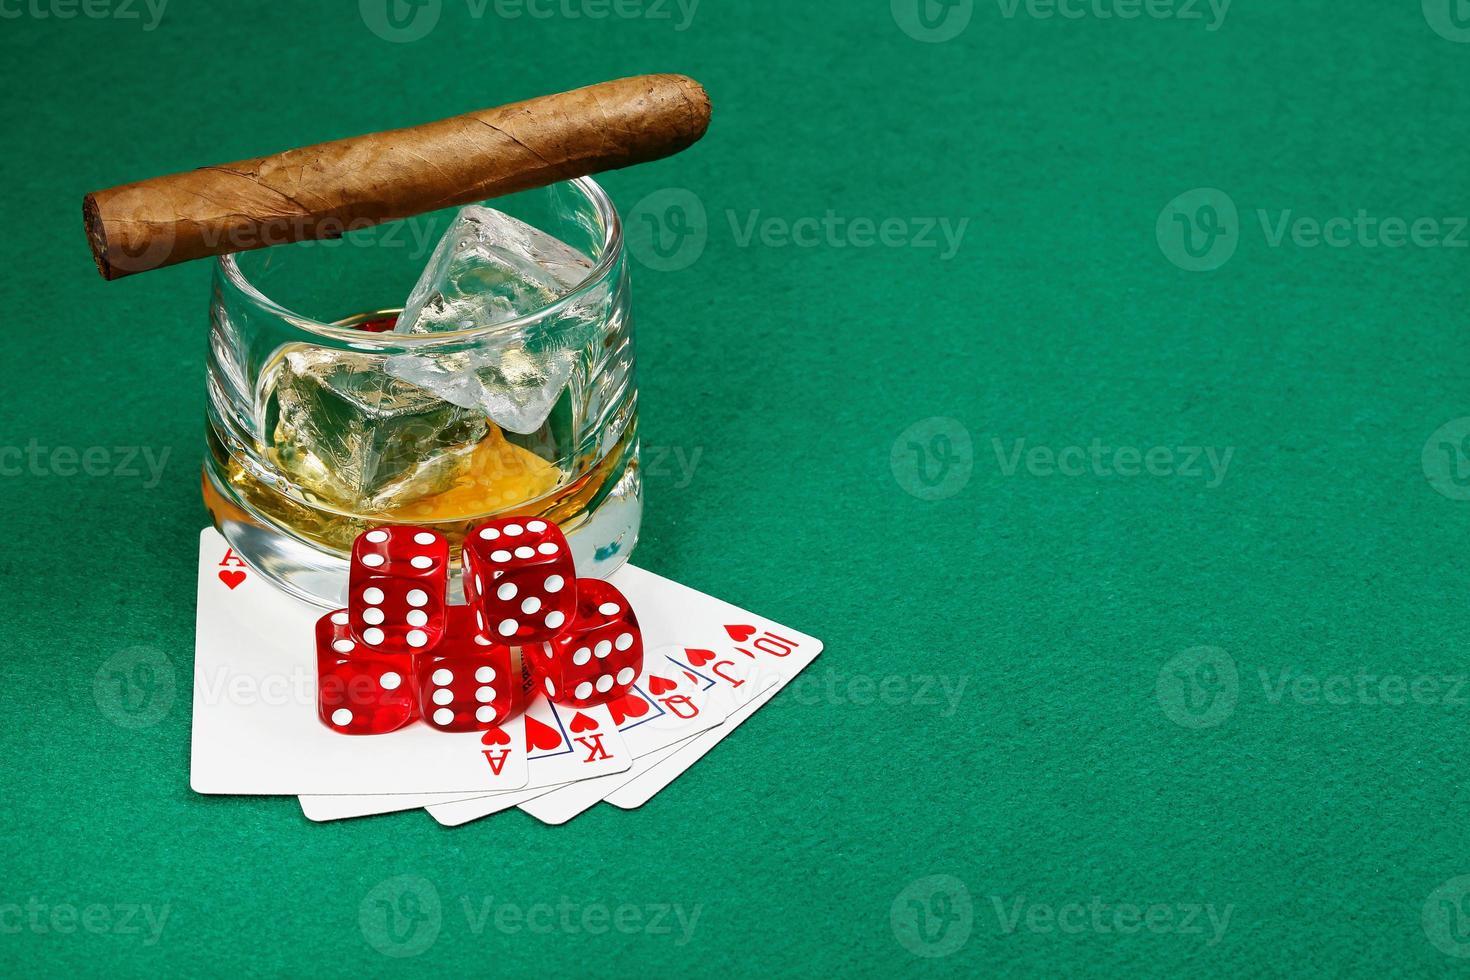 gioco d'azzardo foto